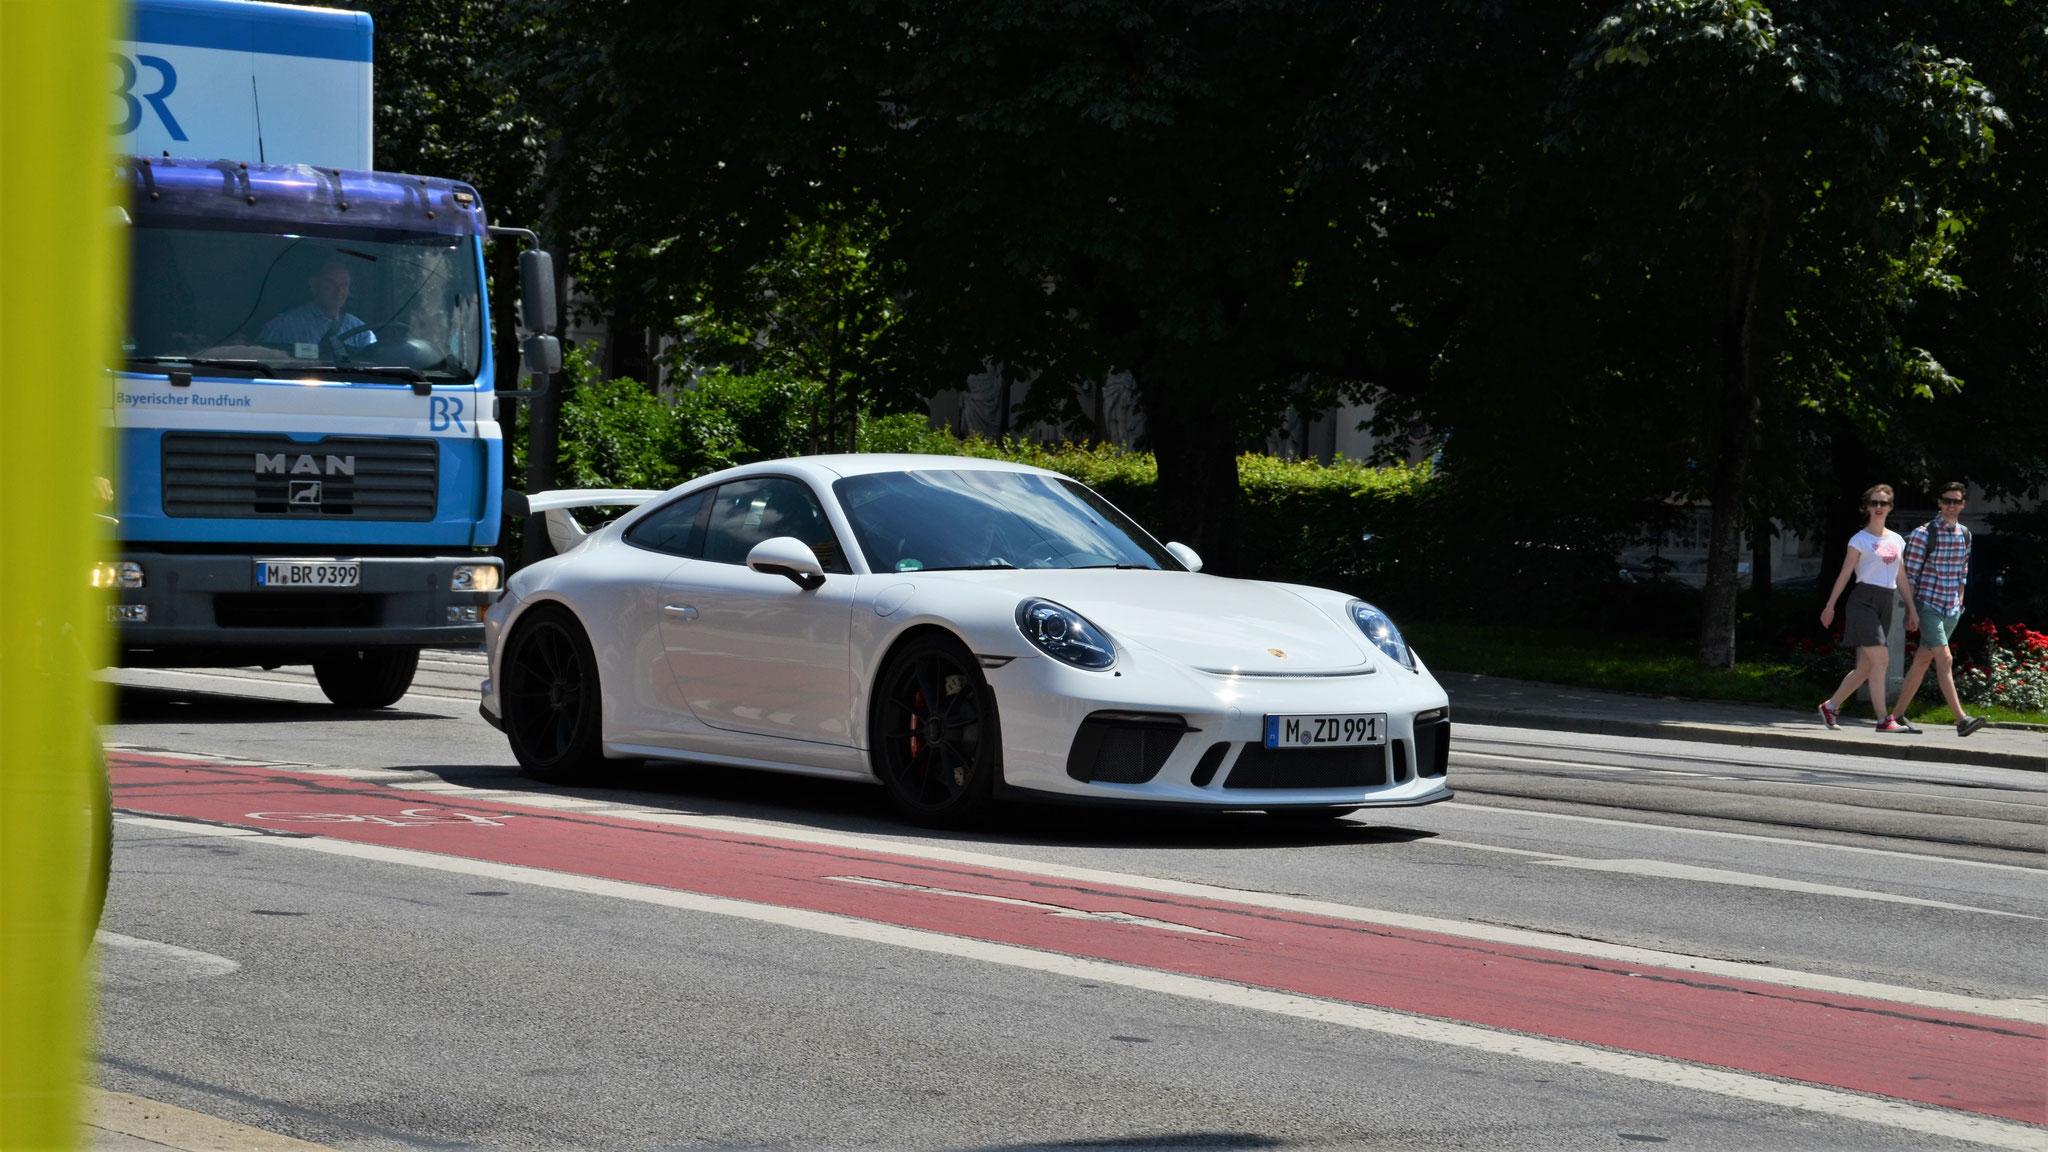 Porsche 991 GT3 - M-ZD-991